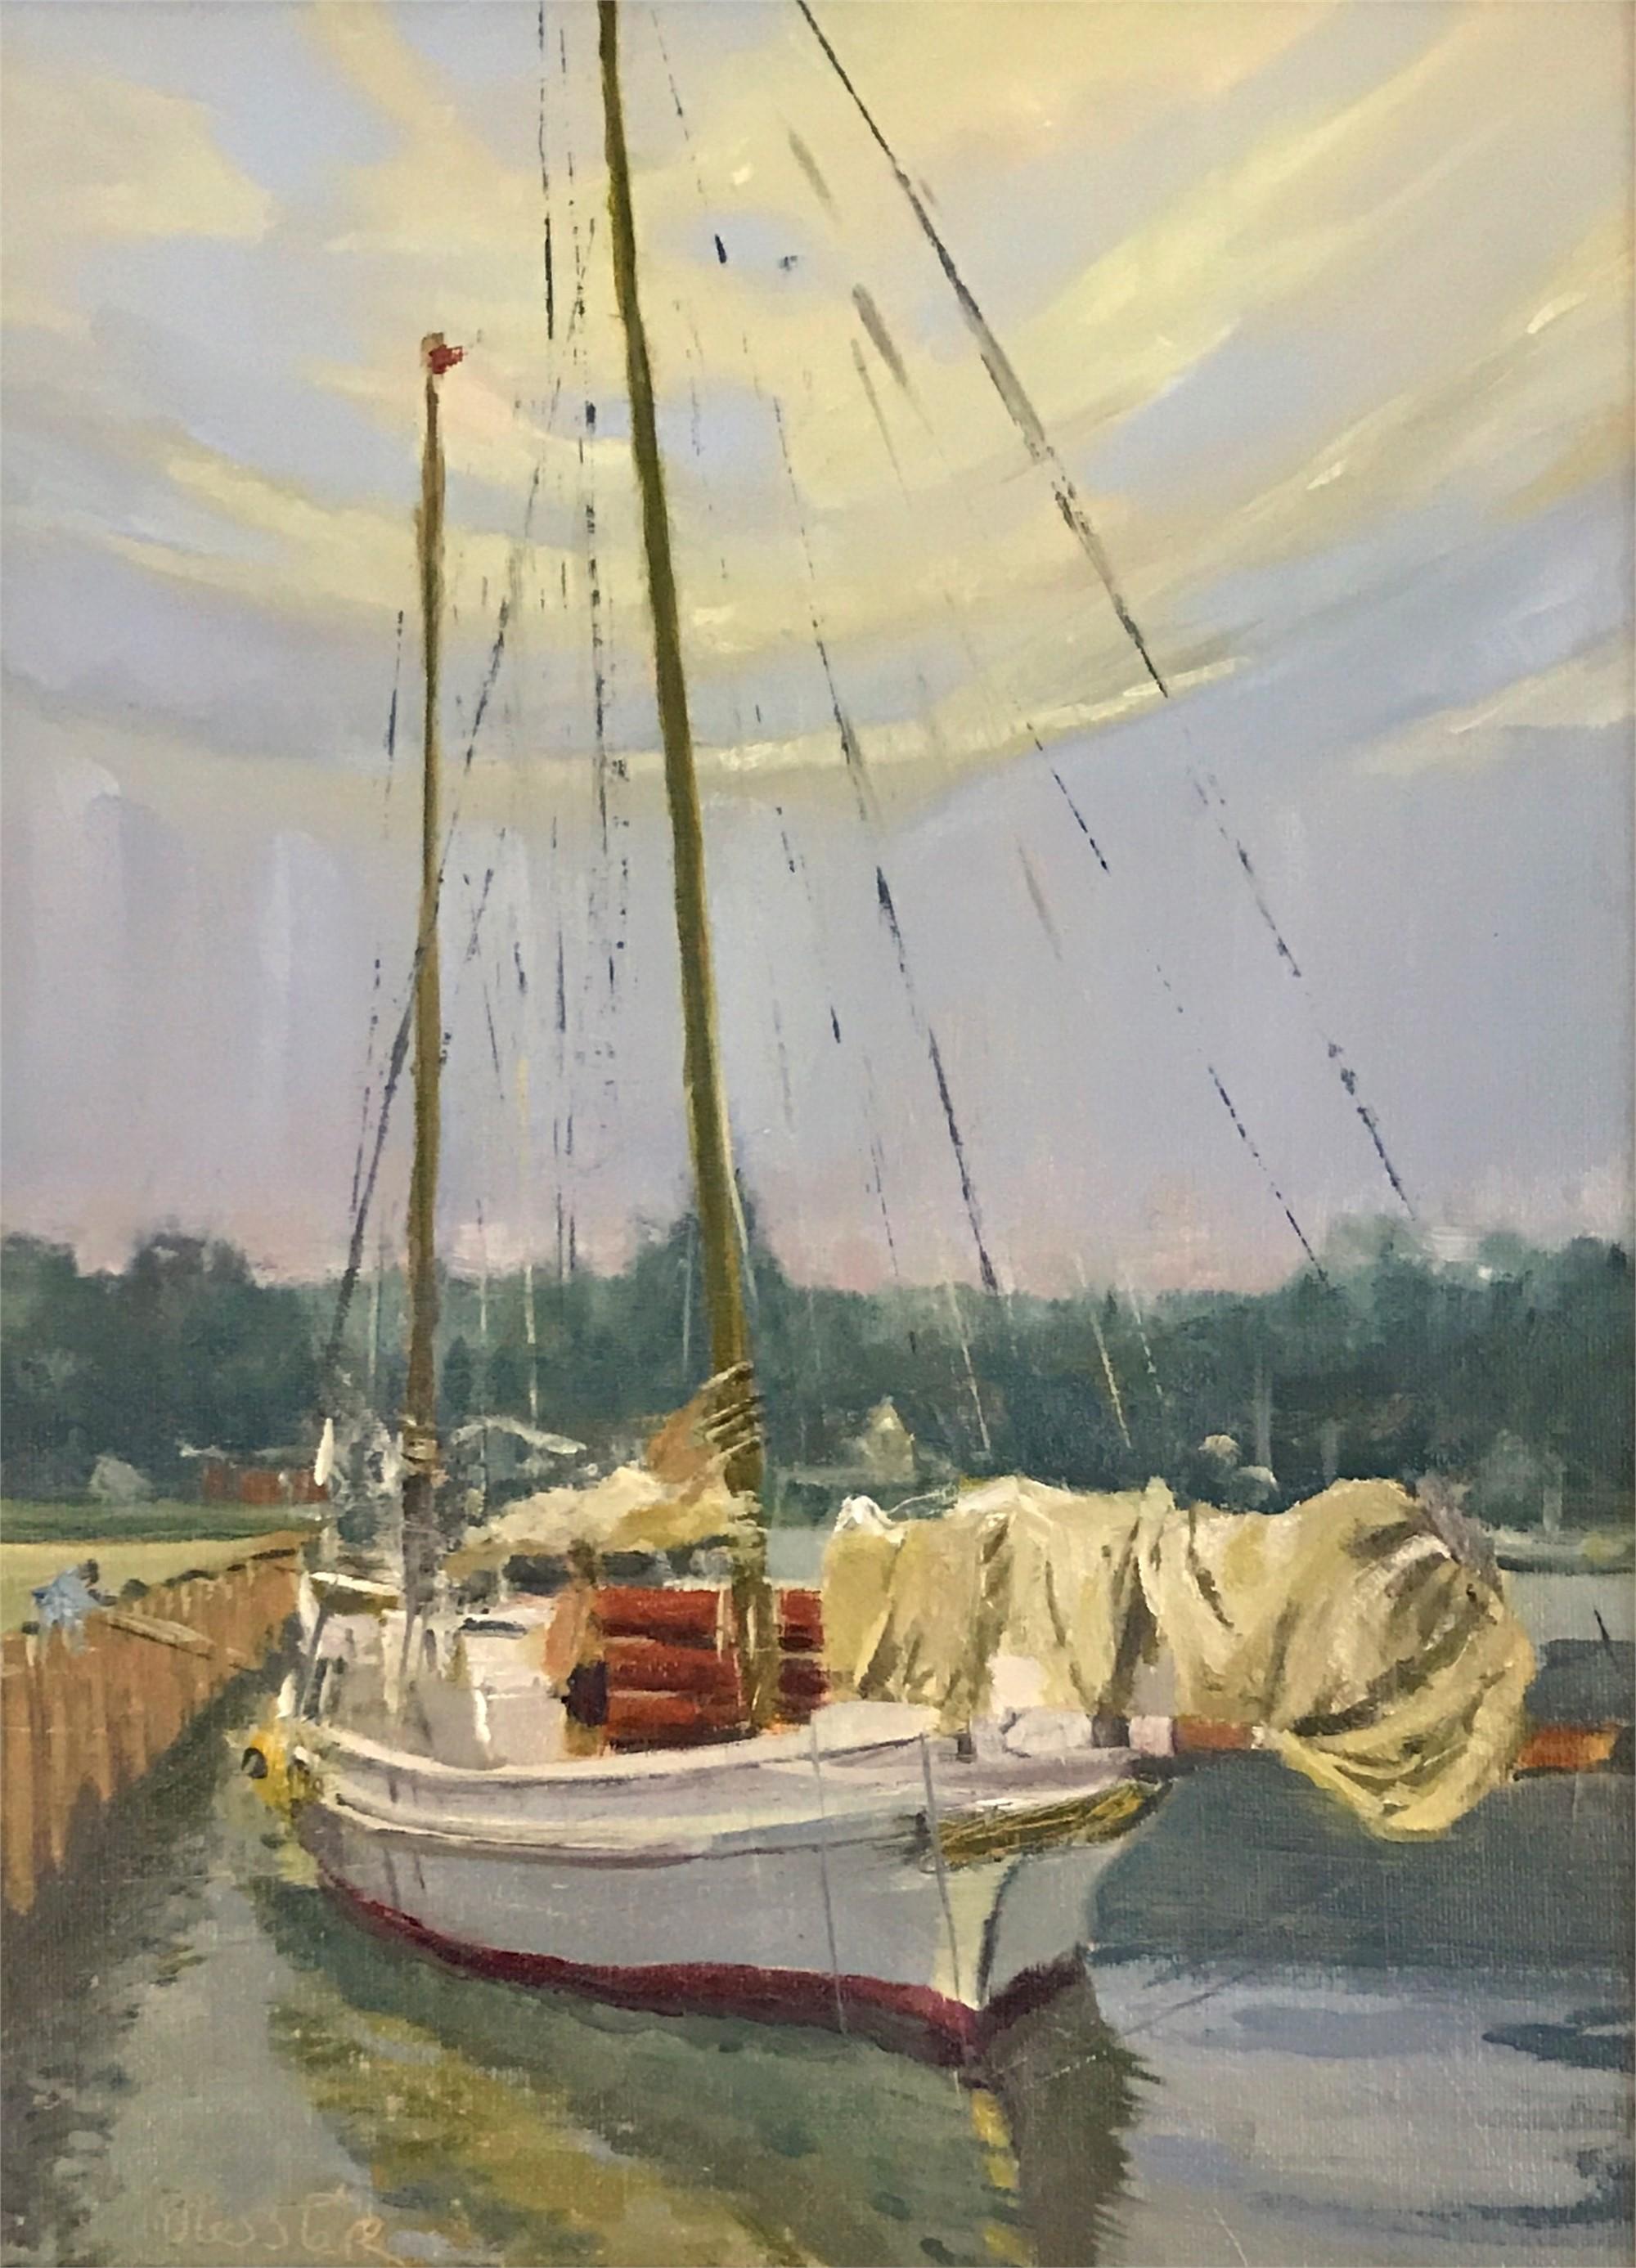 Skipjack by Steve Hessler